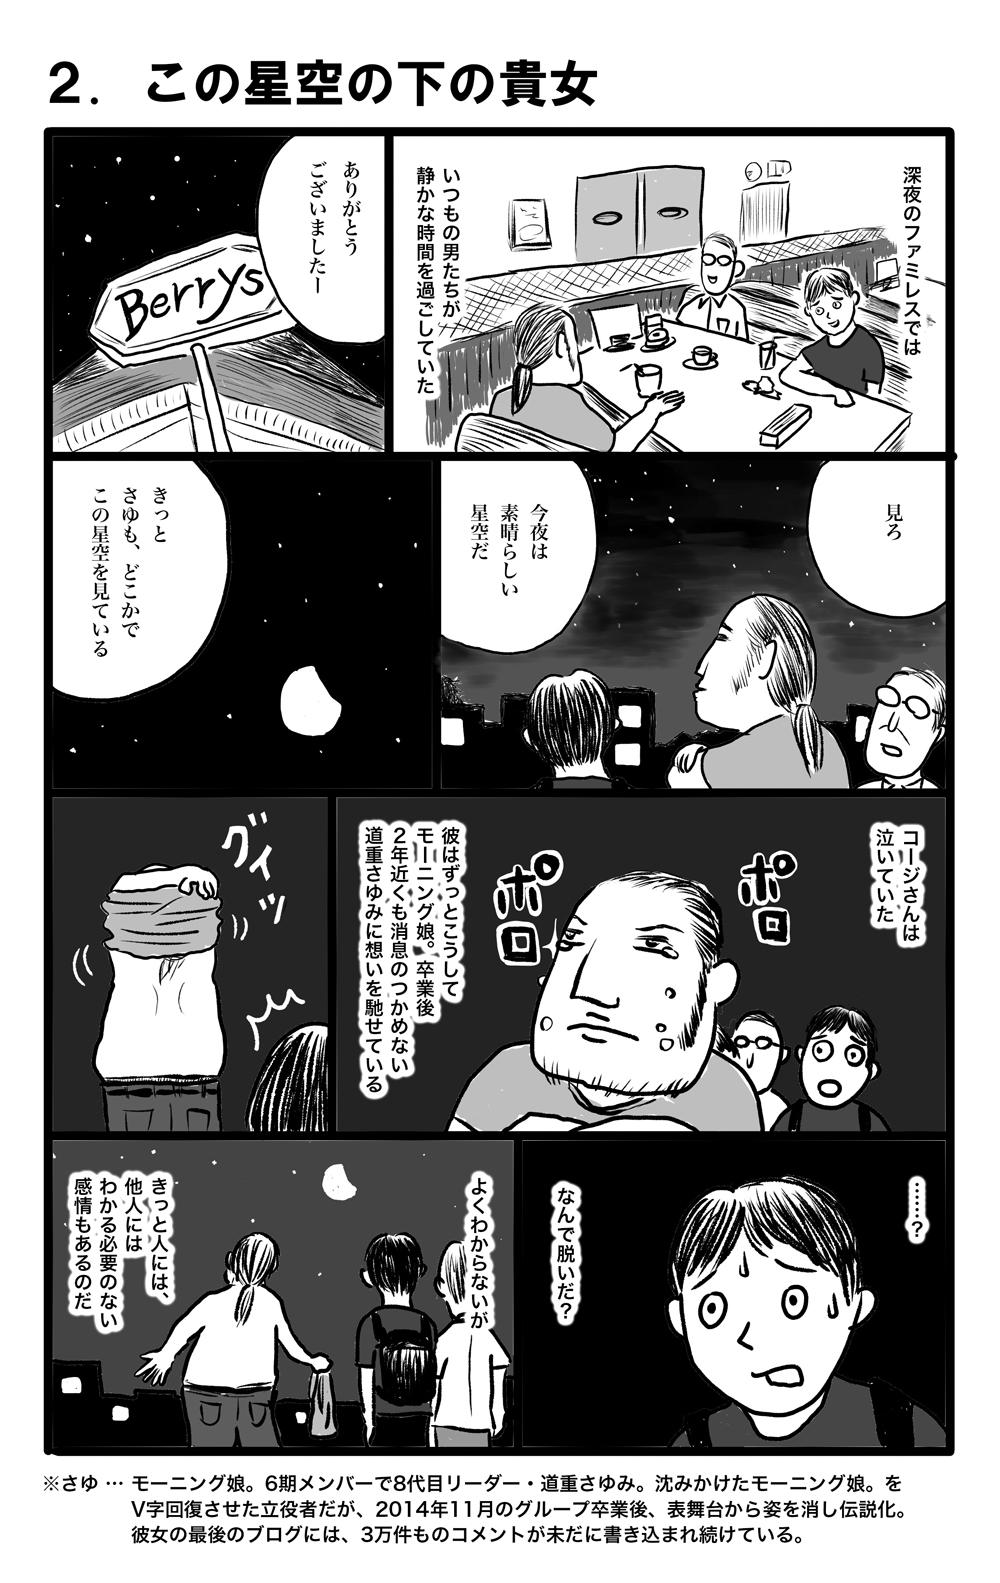 tsurugi-mikito-002